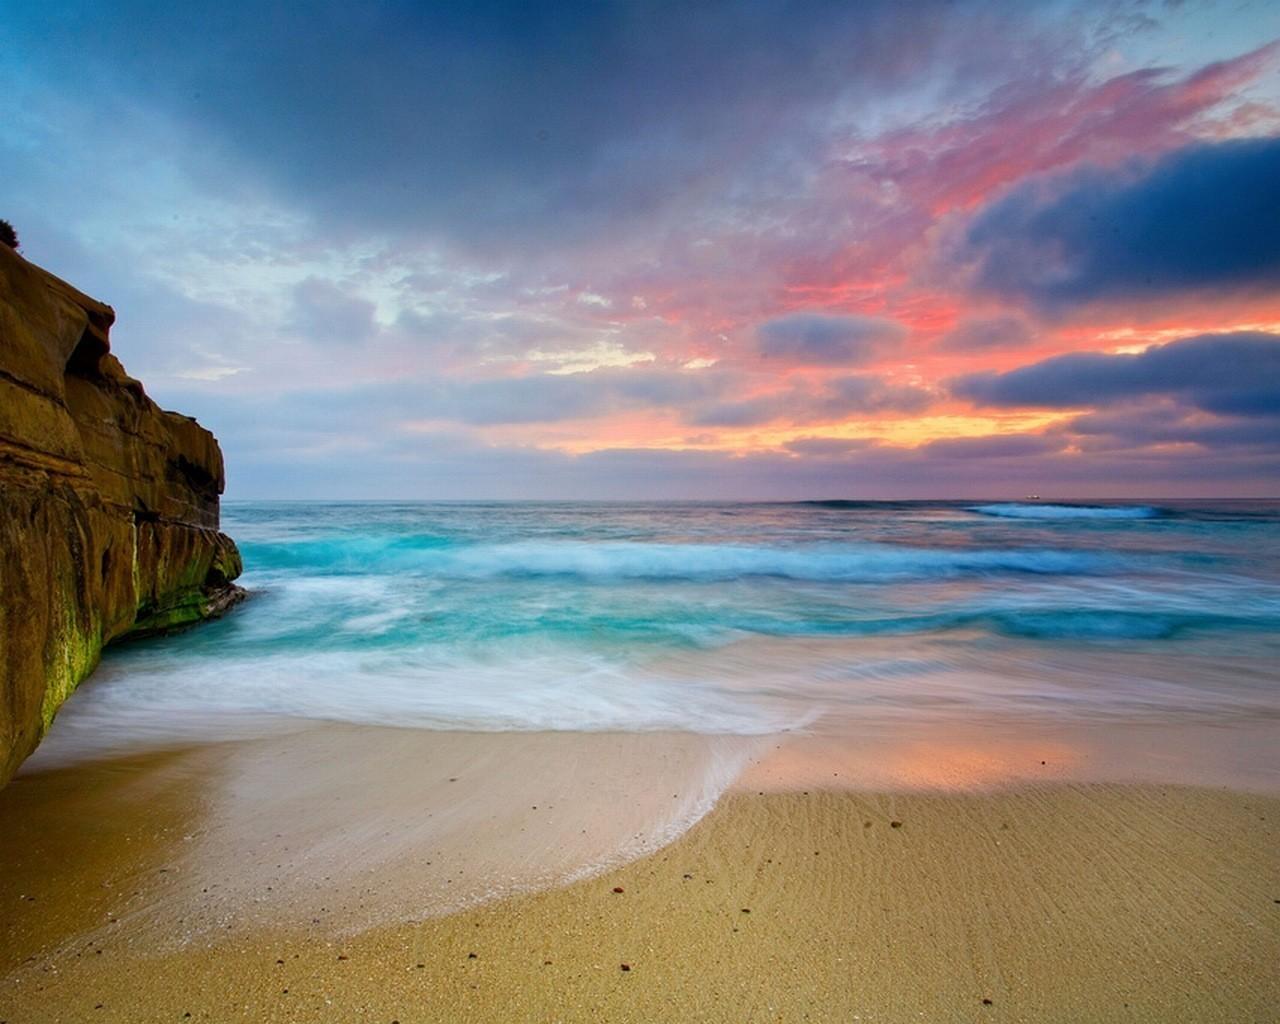 Ocean Beach Wallpaper 1280x1024 Ocean Beach Sand Seascapes 1280x1024